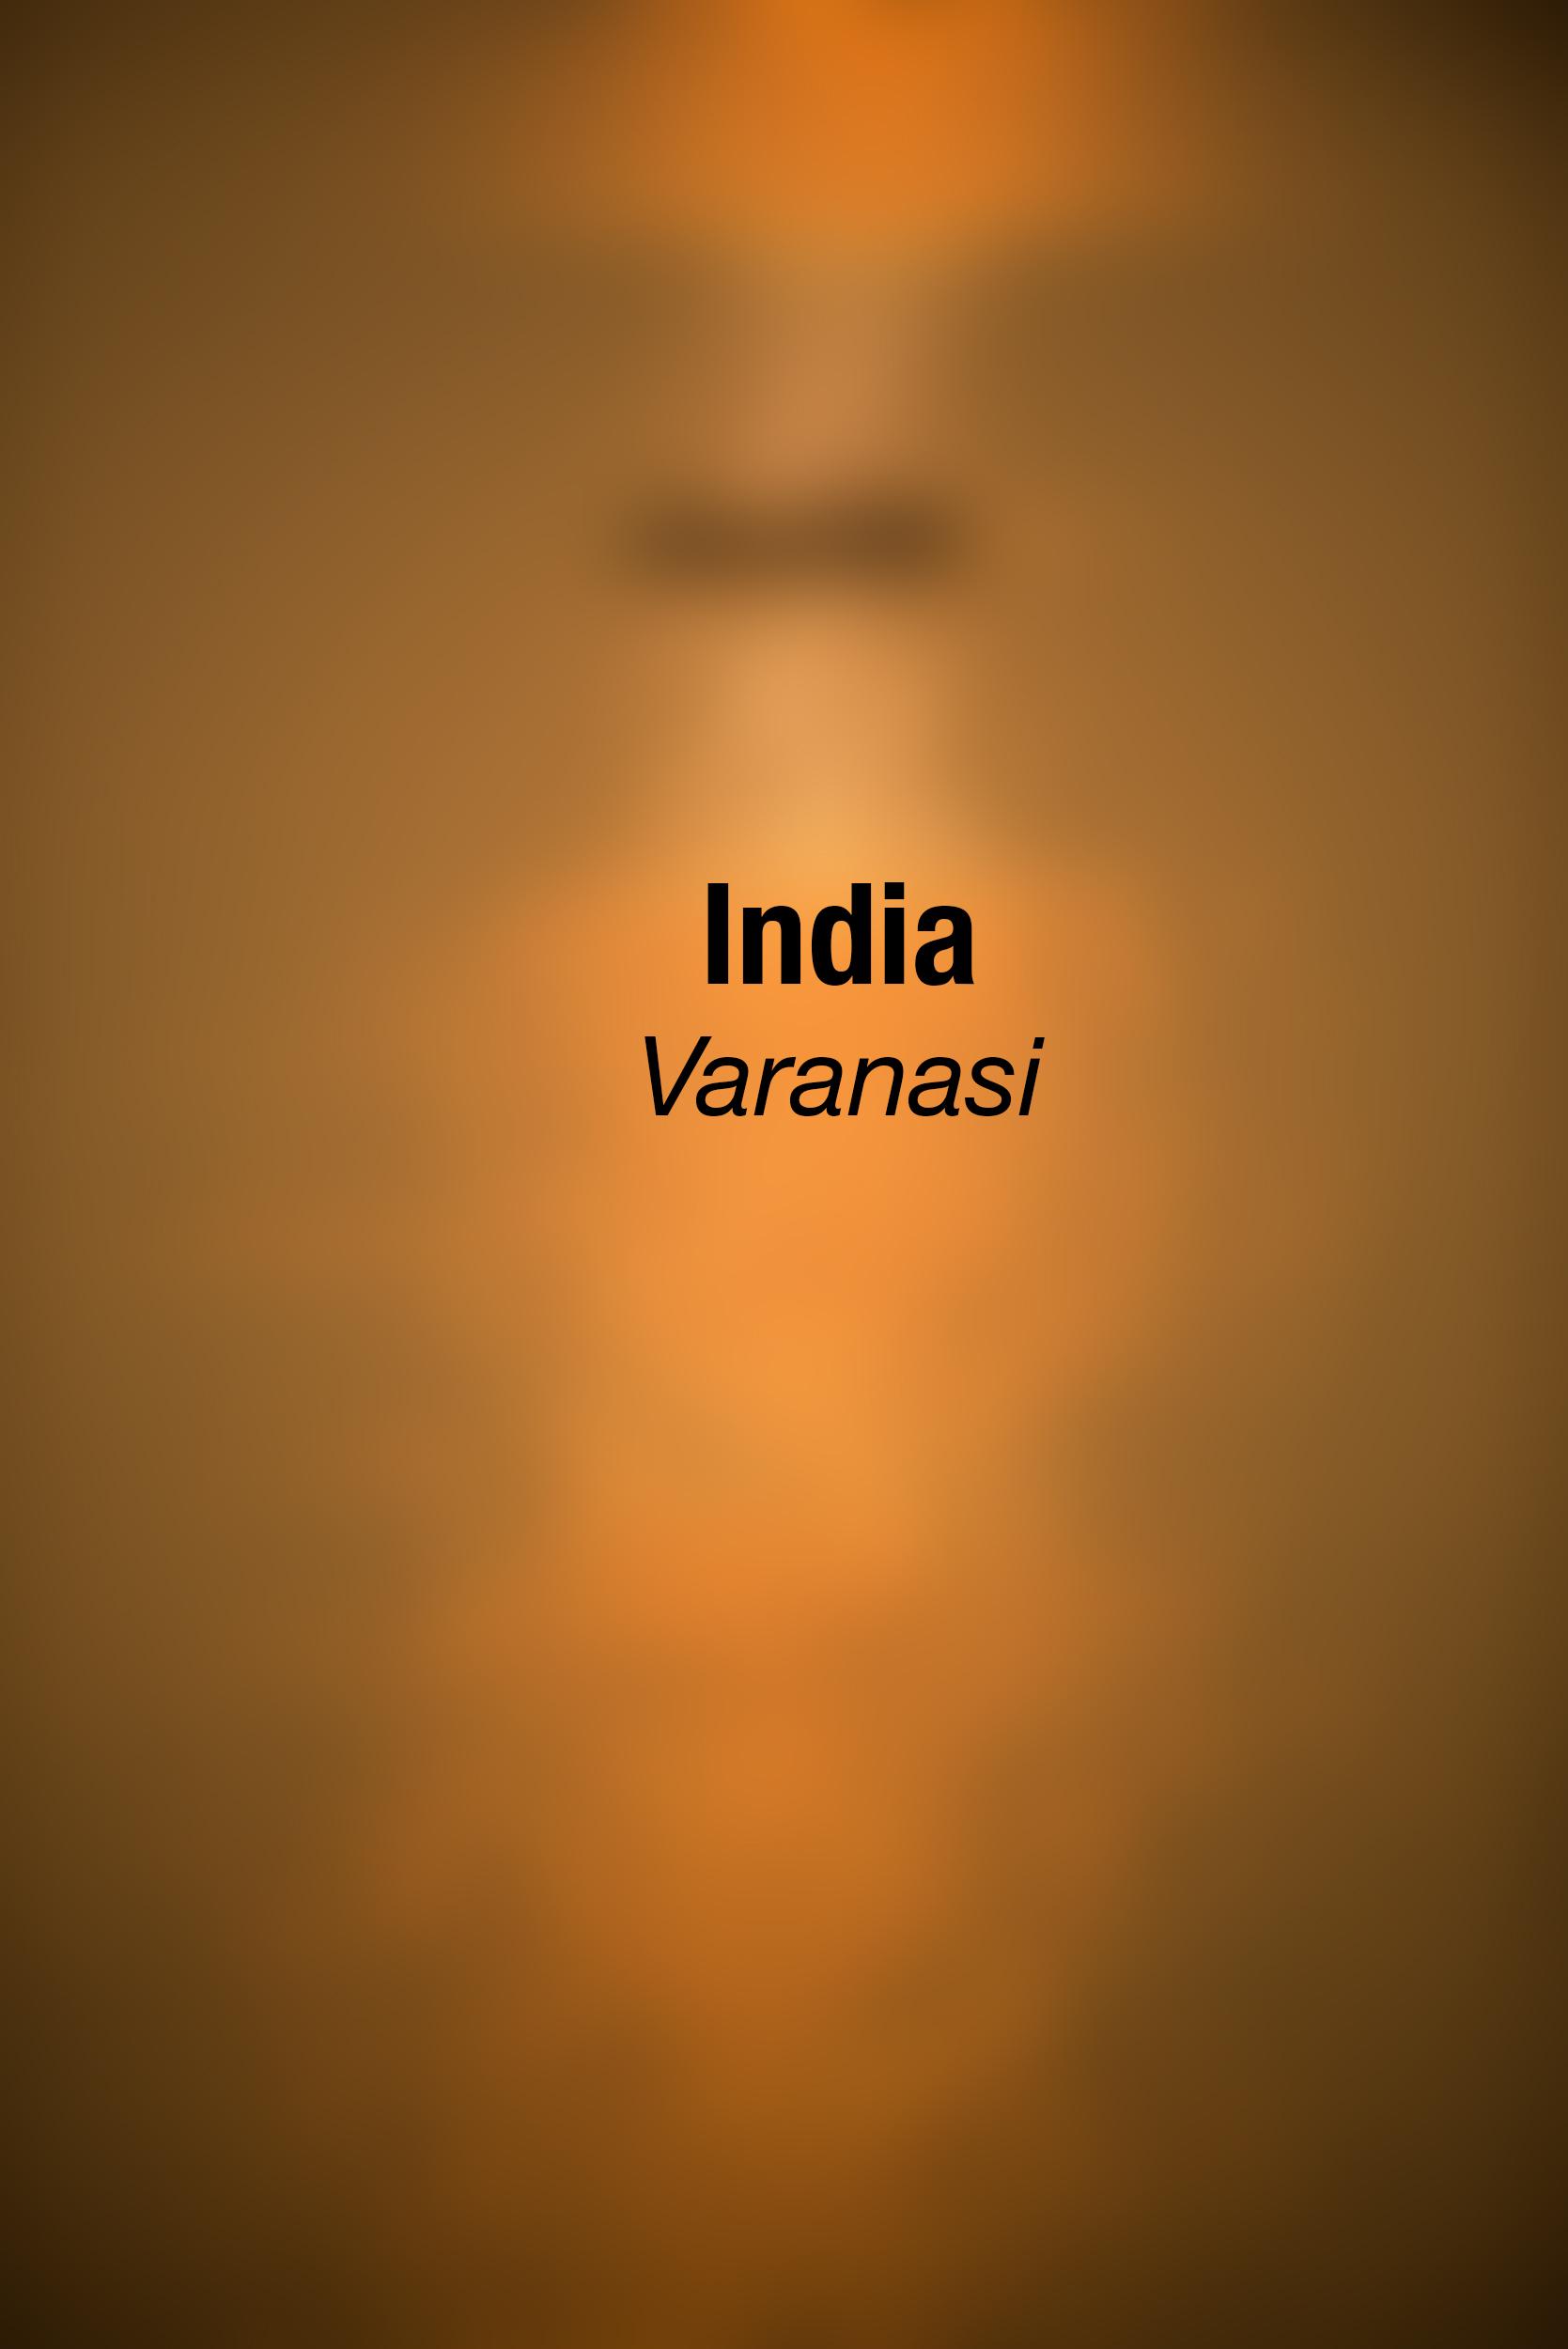 meyer-india-varanasi-0.jpg